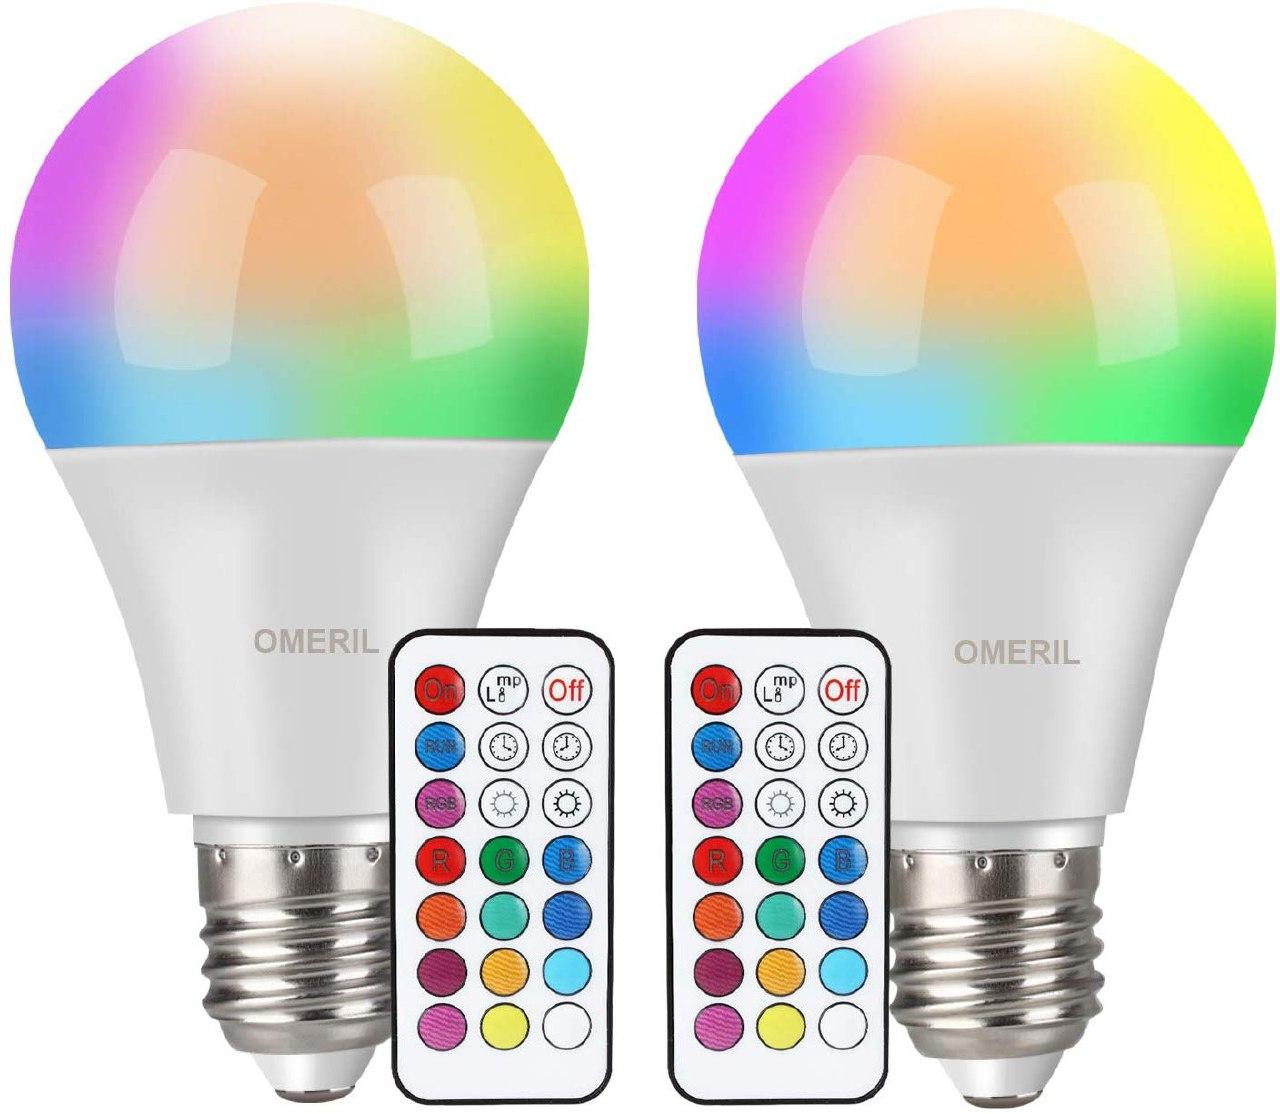 2x Lampadine Colorate LED, OMERIL 10W Lampadine E27